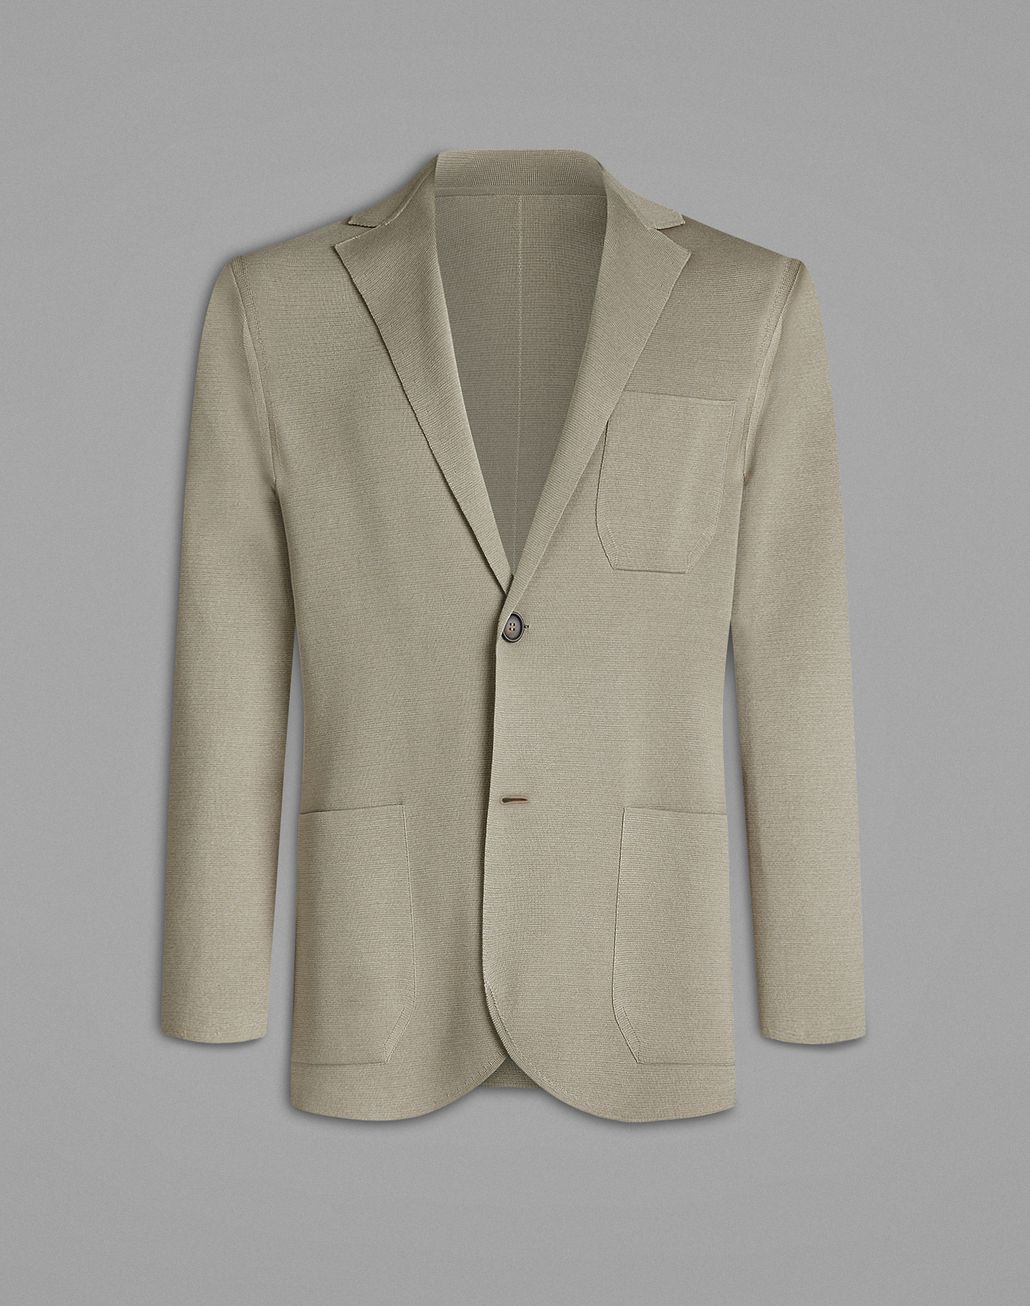 BRIONI Бежевый трикотажный пиджак пиджаки Для Мужчин f